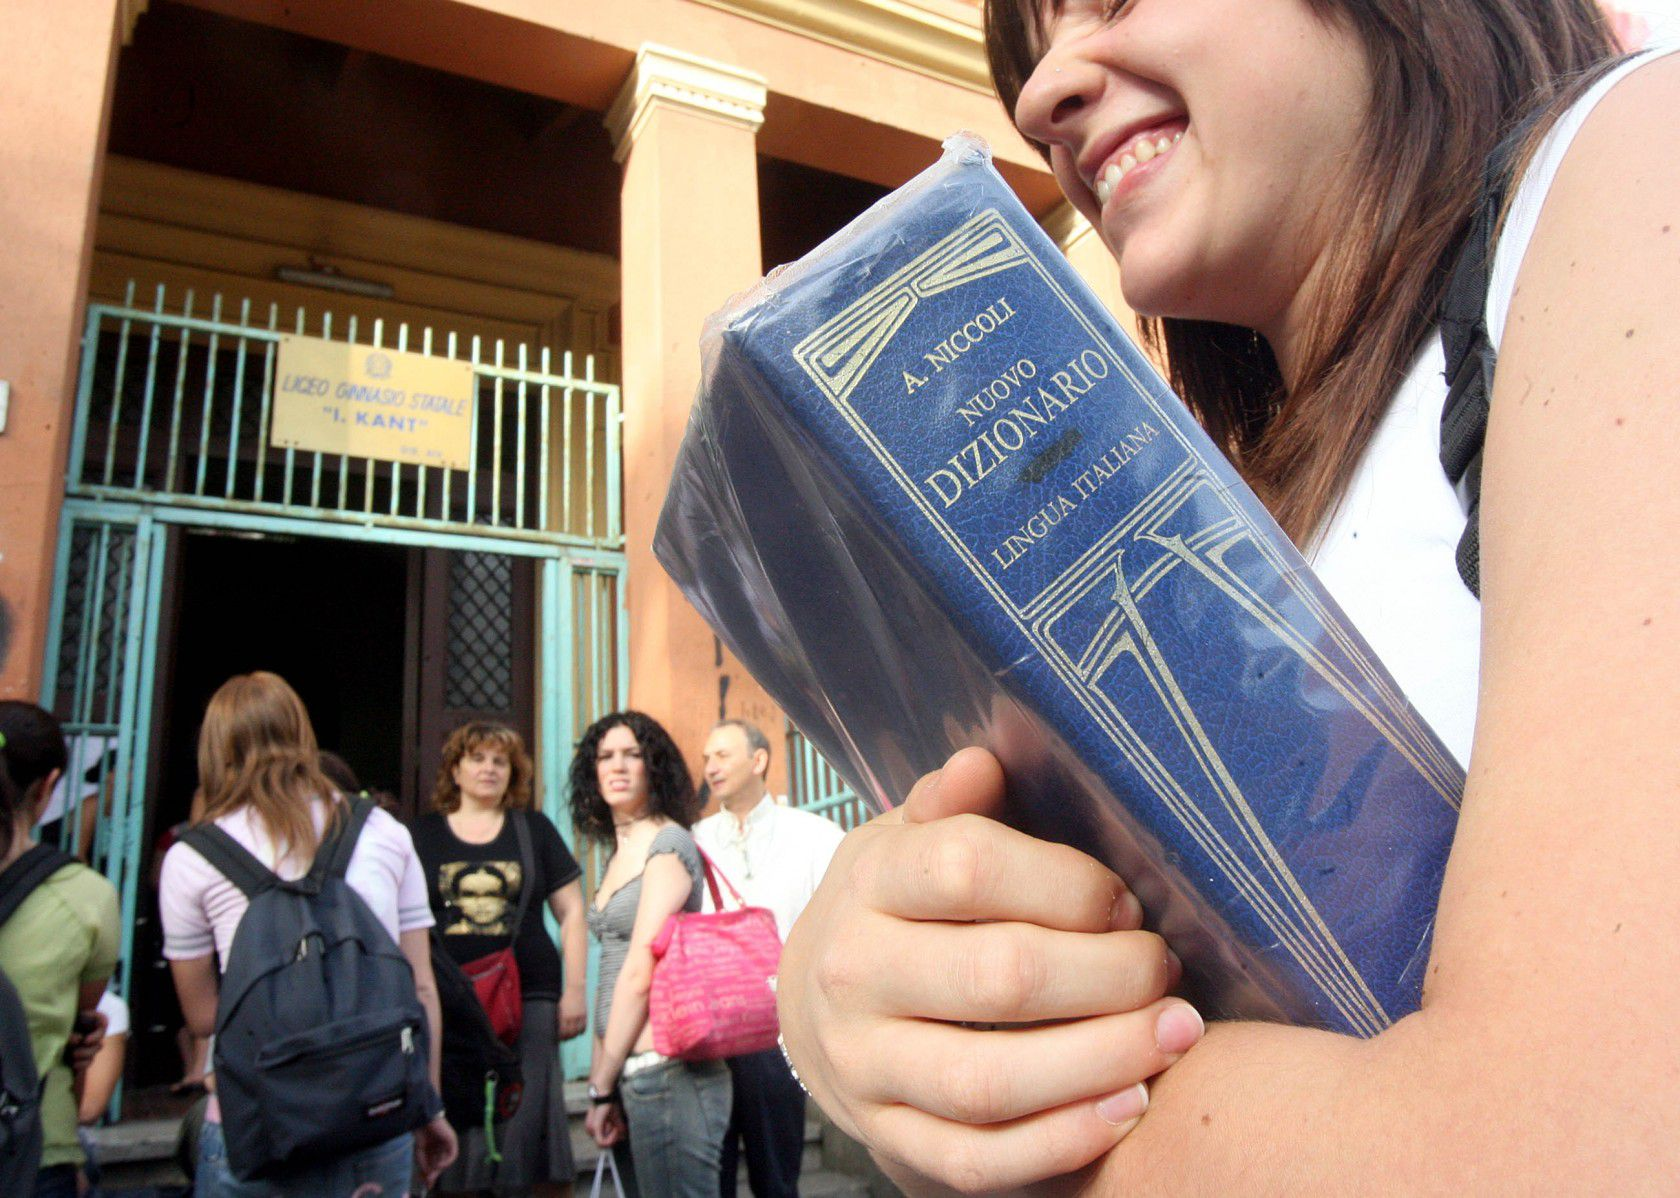 İtalya ile Eğitimde Uluslararası İşbirlikleri Nelerdir?